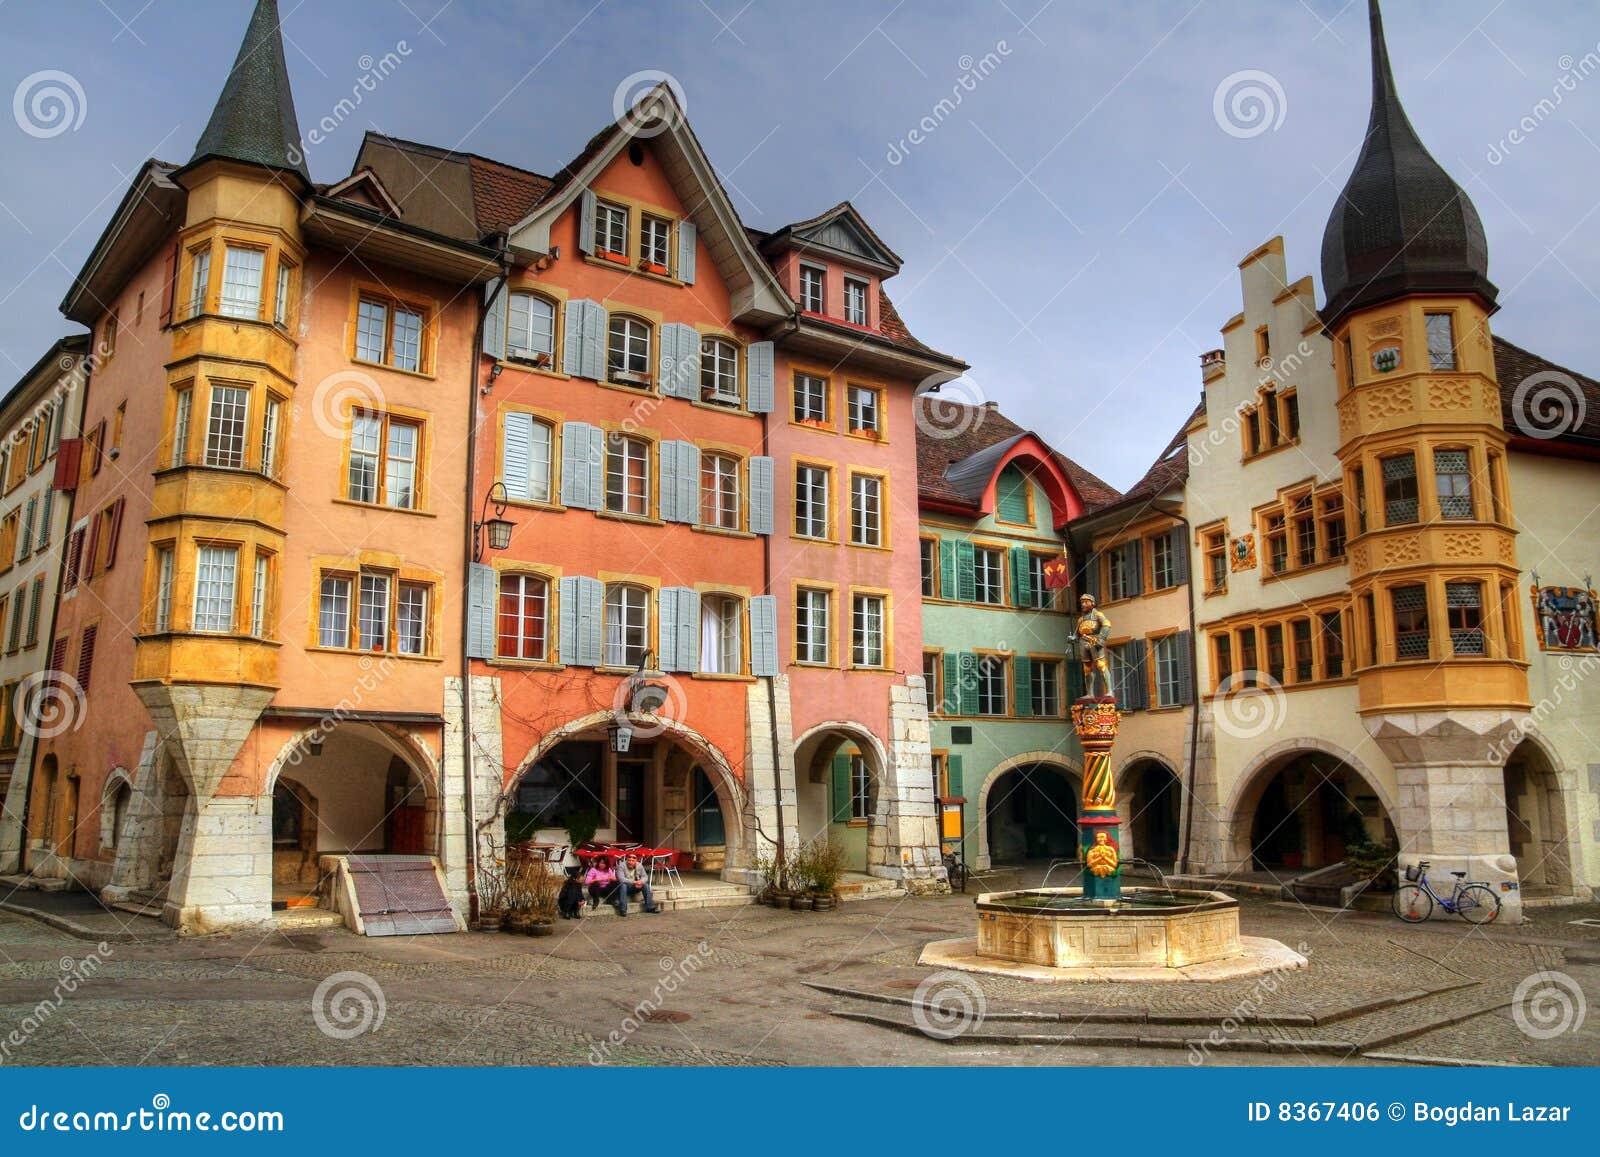 The Ring 01, Biel (Bienne), Switzerland